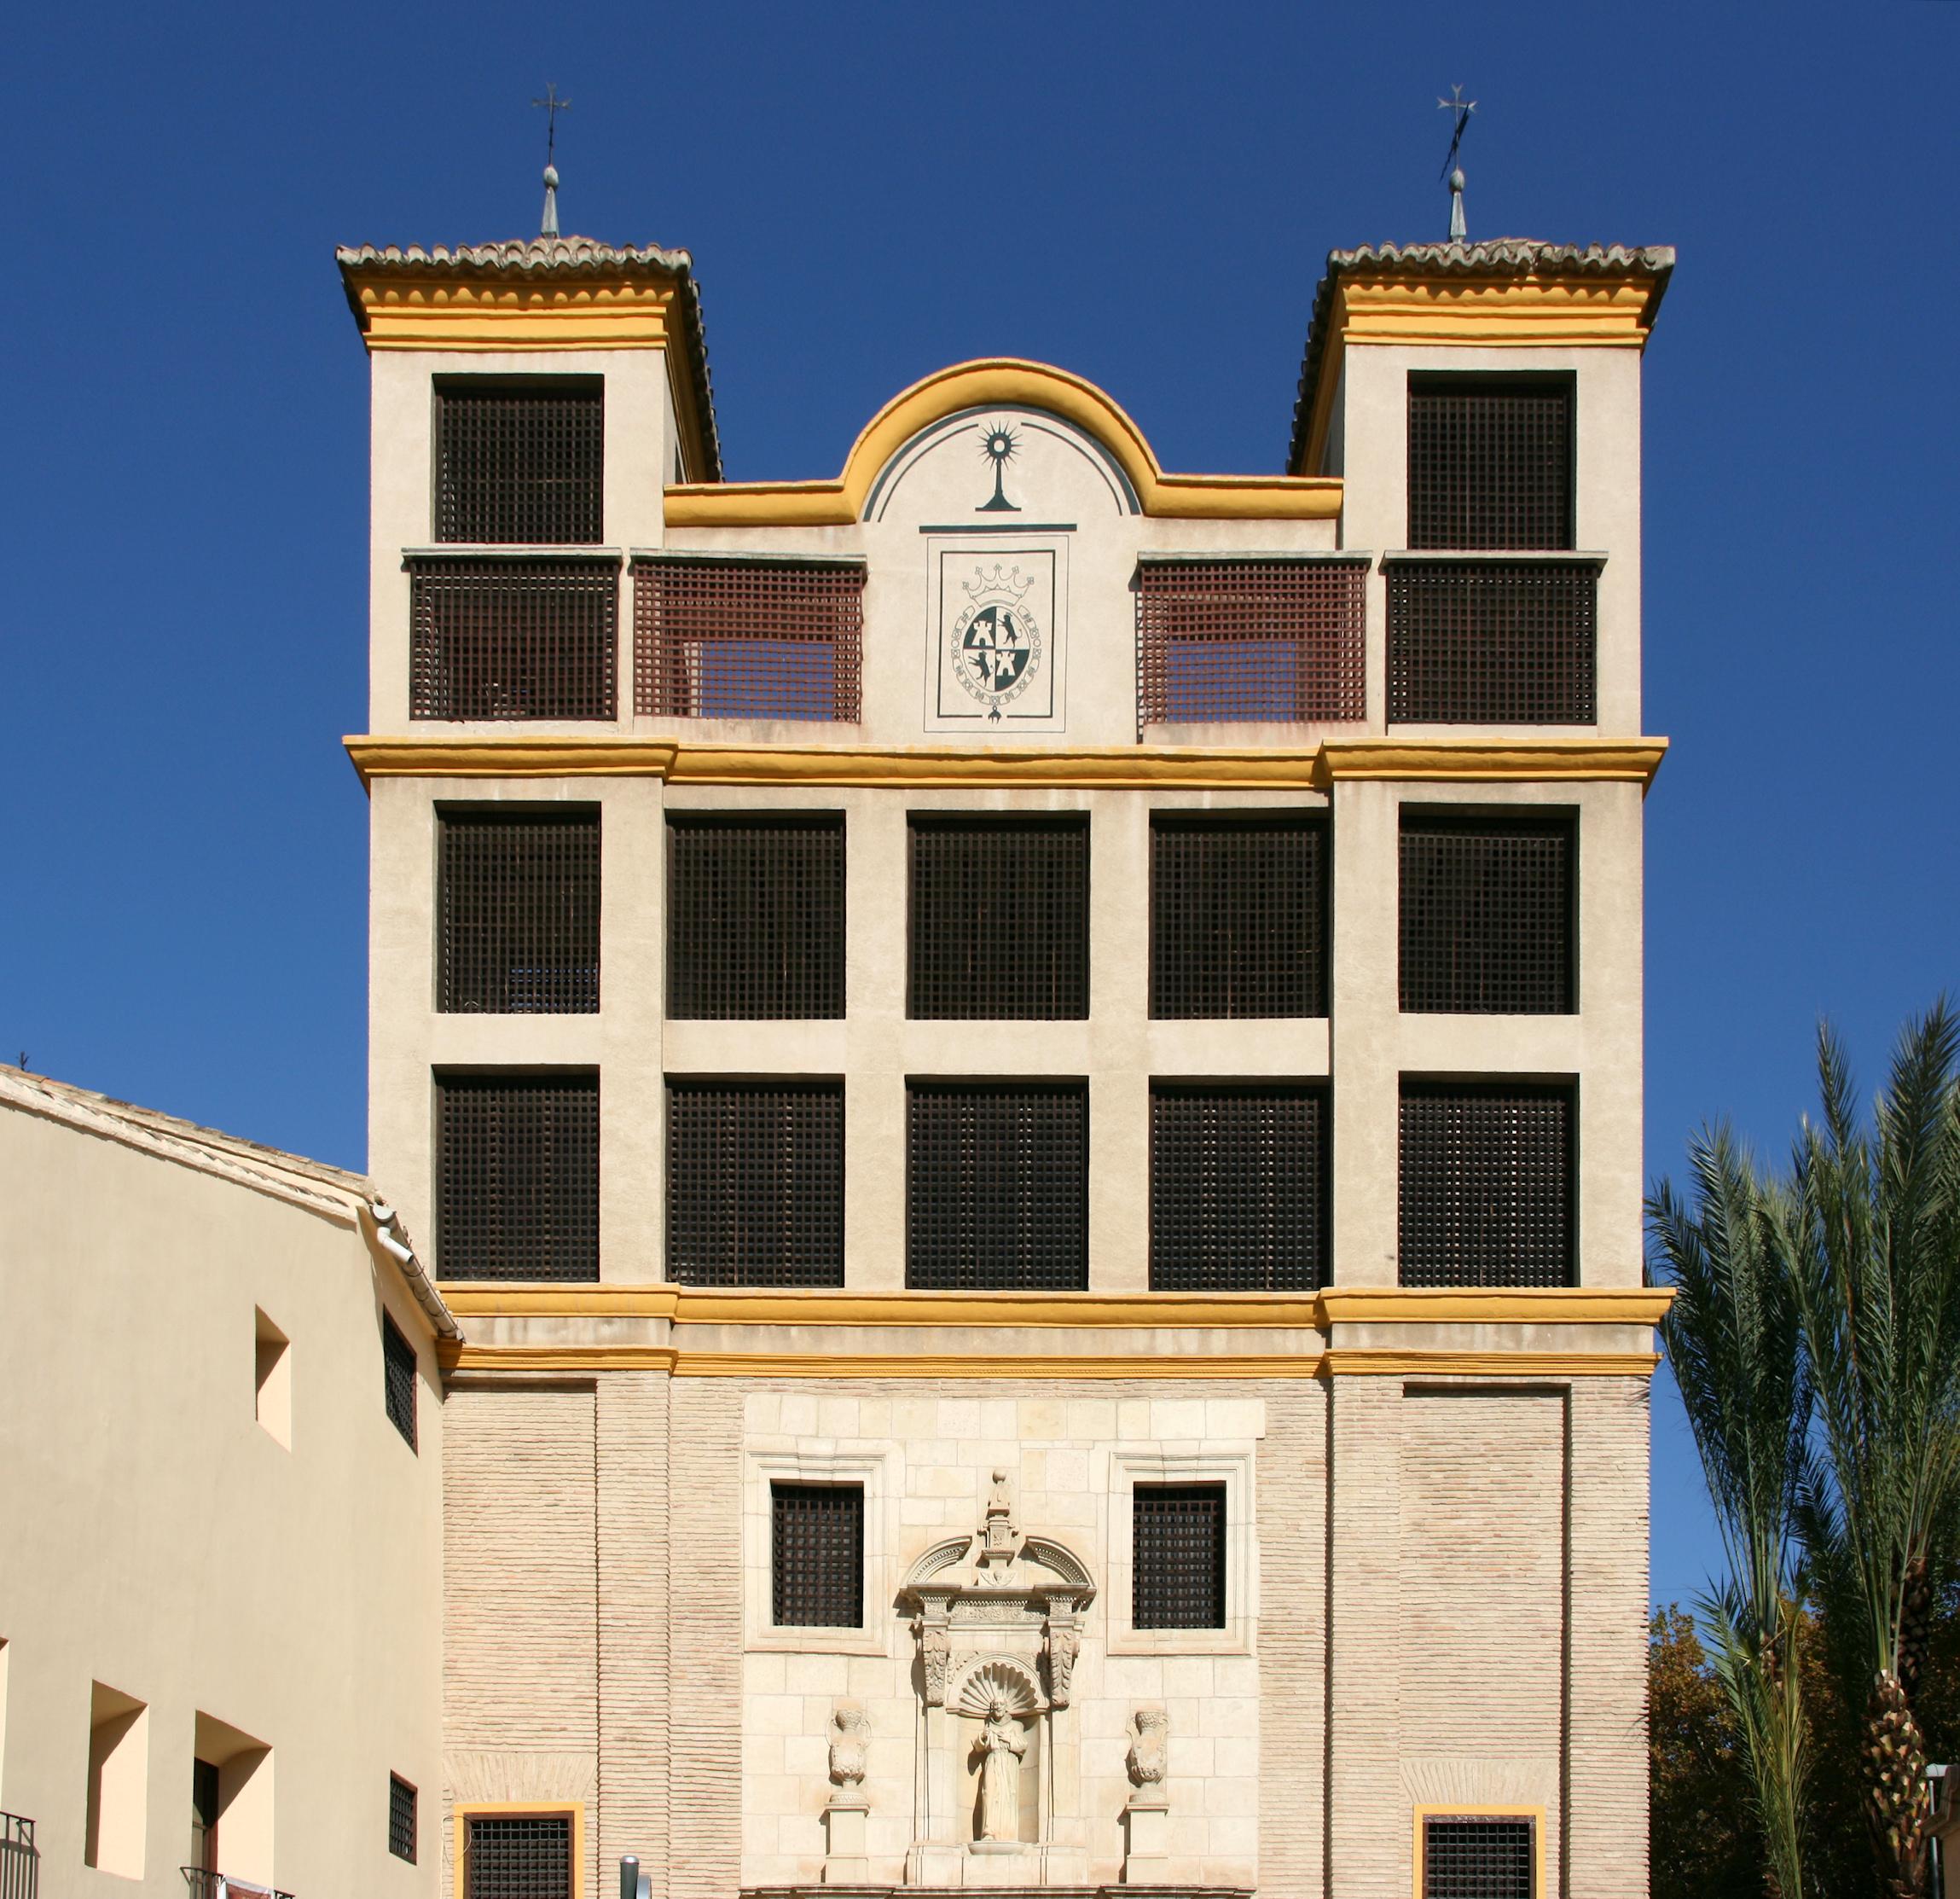 Archivo Murcia Real Monasterio De Santa Clara Jpg Wikipedia La